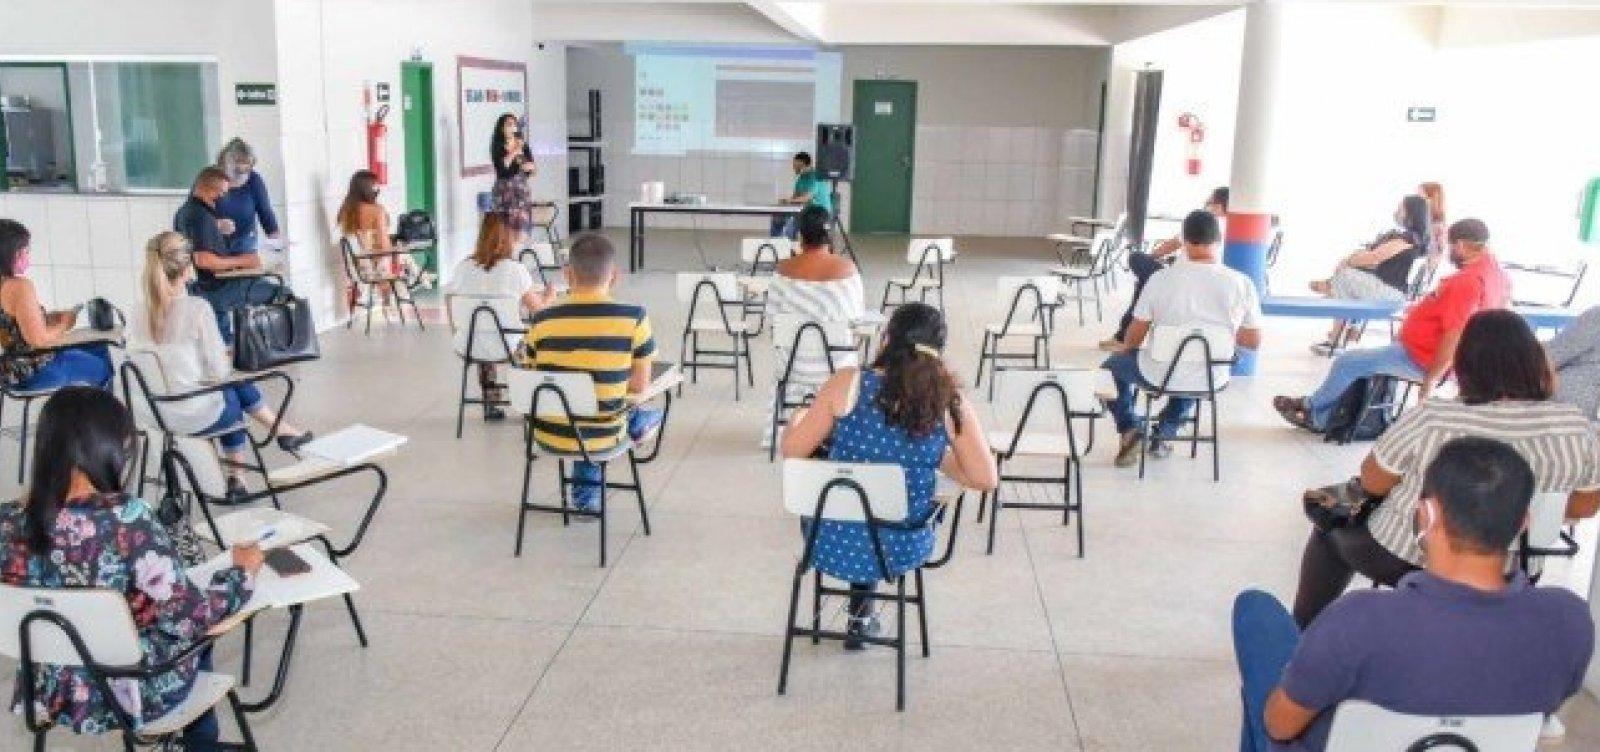 [Prefeitura de Porto Seguro anuncia início de aulas remotas na rede municipal em março]